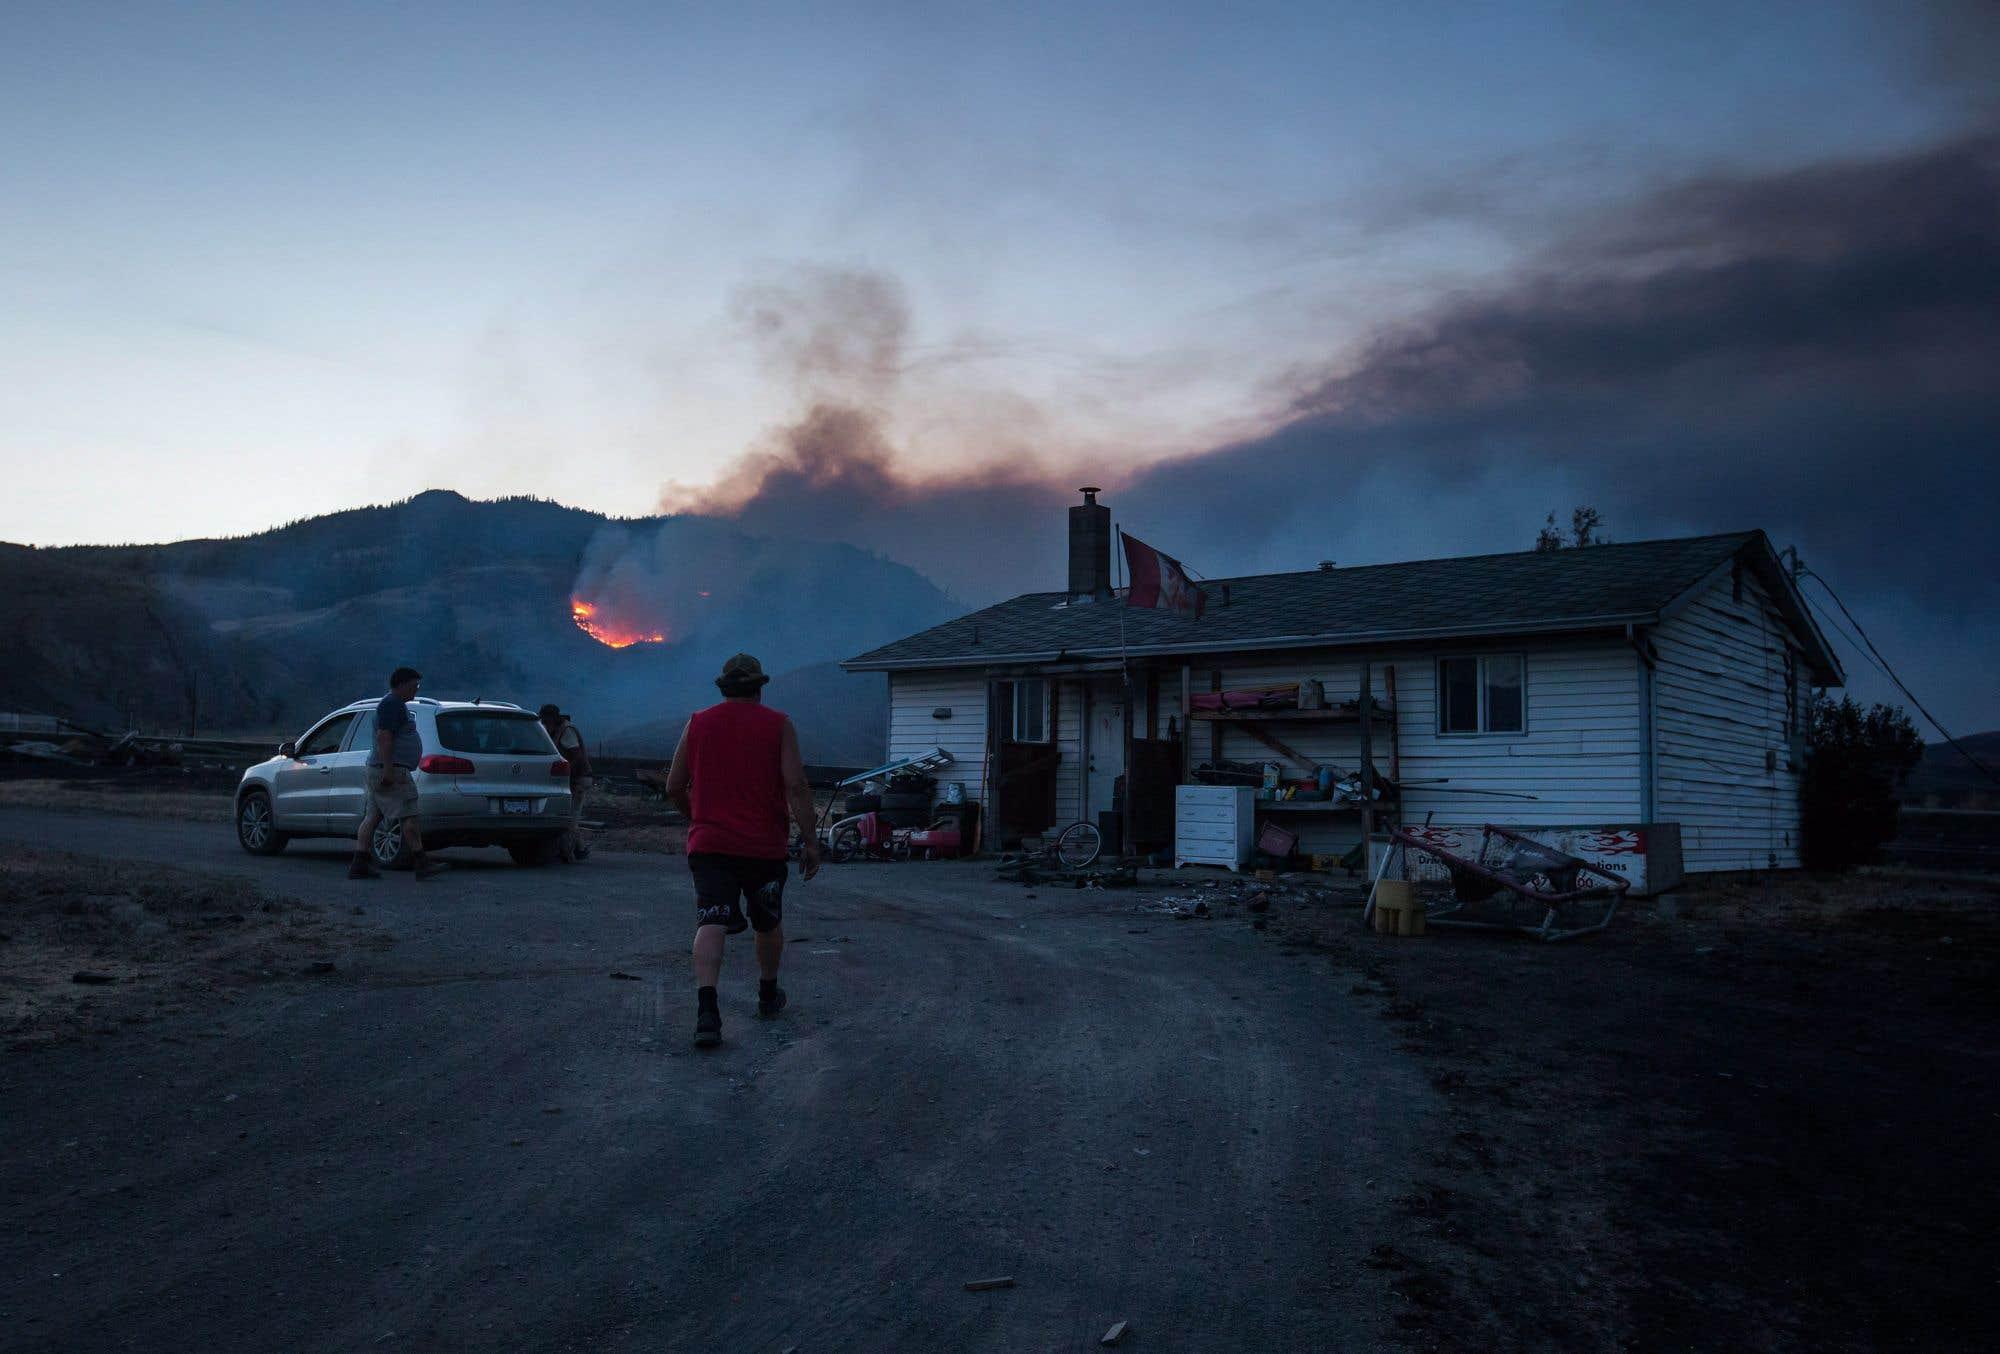 Darin Minnabarriet, de la communauté autochtone Ashcroft, marche vers sa maison qui a survécu à un feu de forêt pour vider son congélateur. Des feux de forêt ont occupé les autorités de la Colombie-Britannique toute la semaine. Des pompiers québécois seront envoyés en renfort lundi pour aider à combattre les incendies, qui ont forcé jusqu'ici l'évacuation de 16 250 personnes. Consultez notre texte sur le sujet